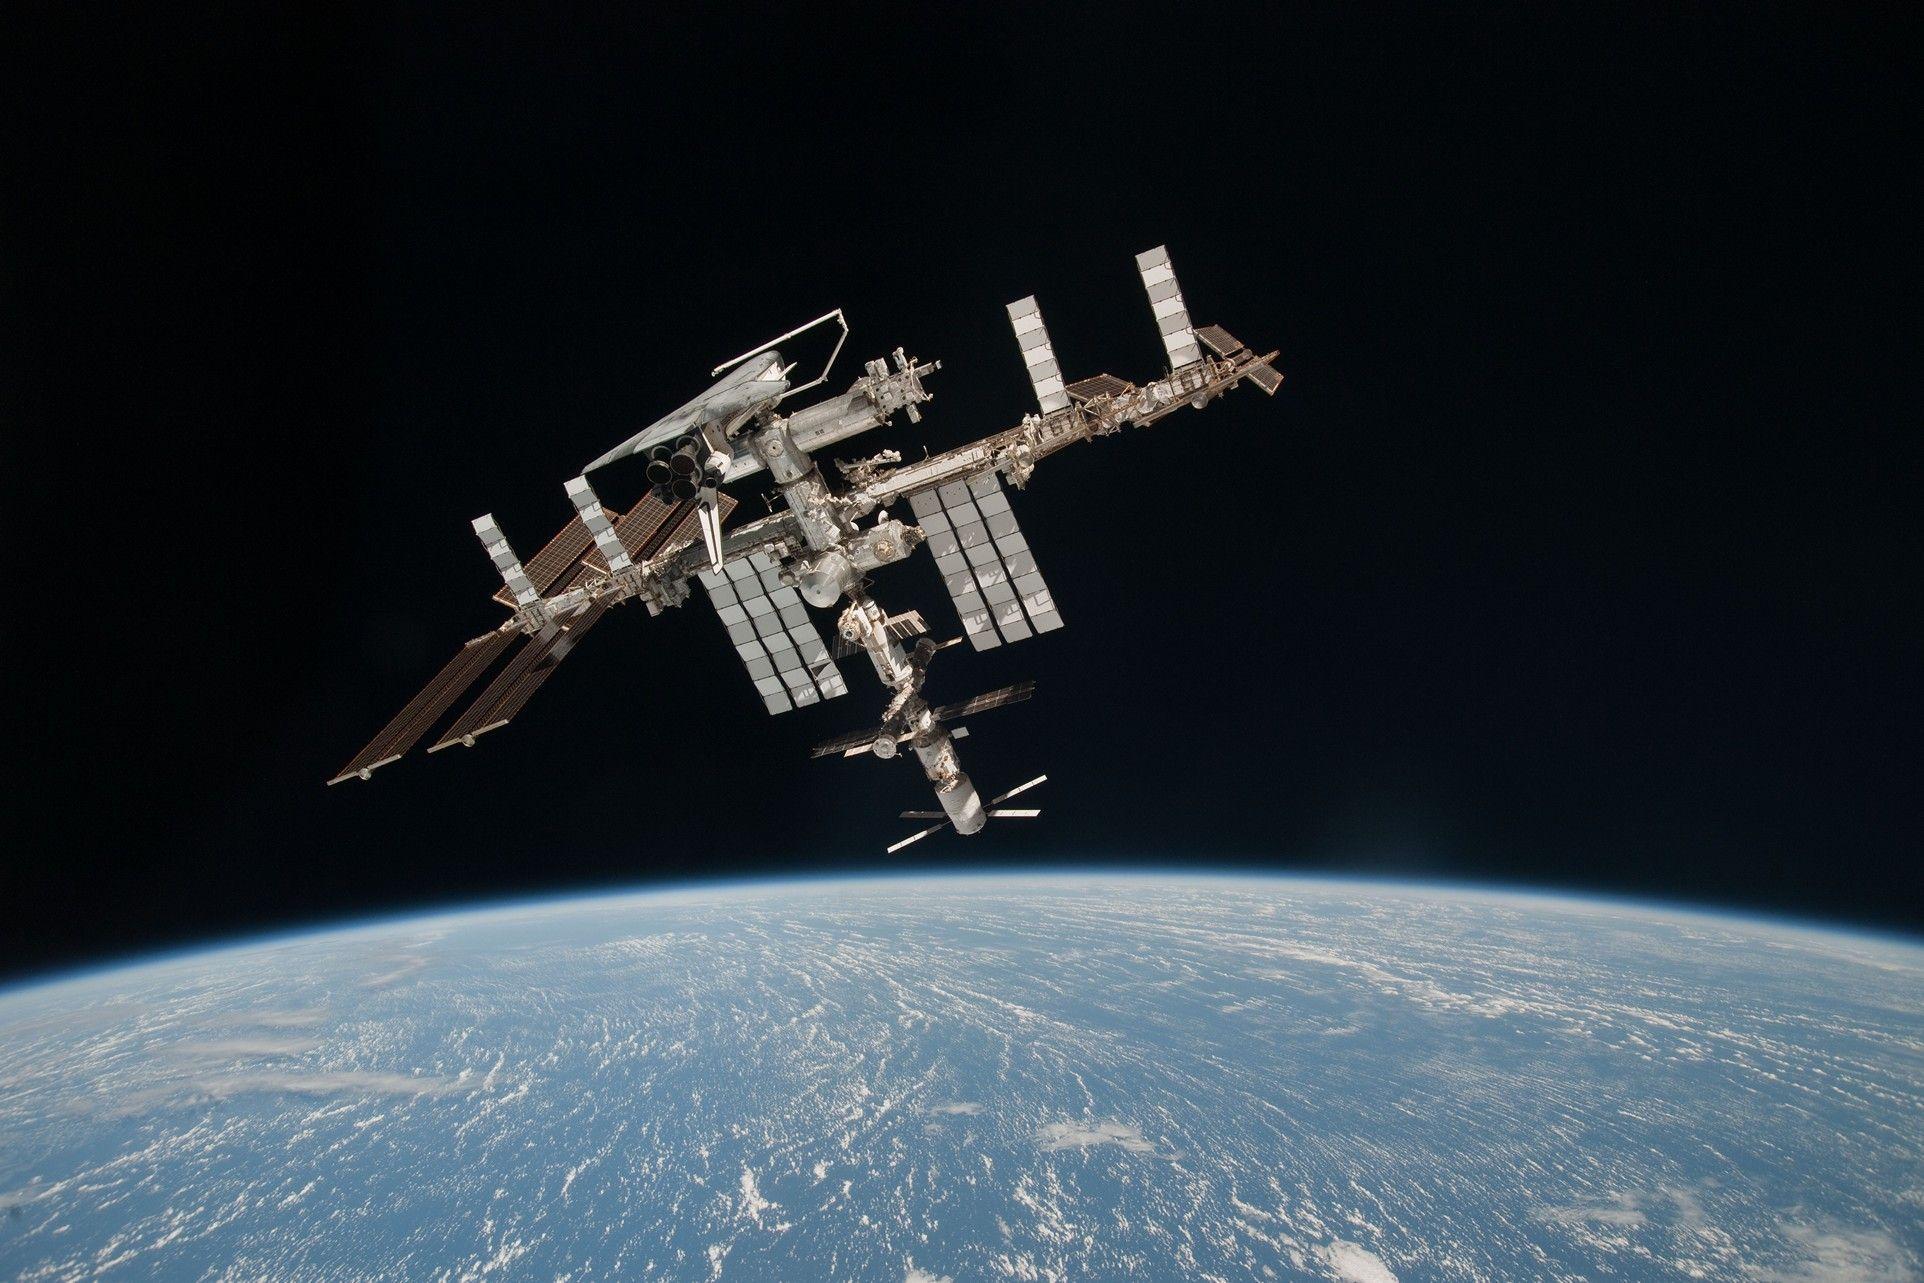 Espace : une bactérie inconnue sur Terre, découverte sur la station spatiale